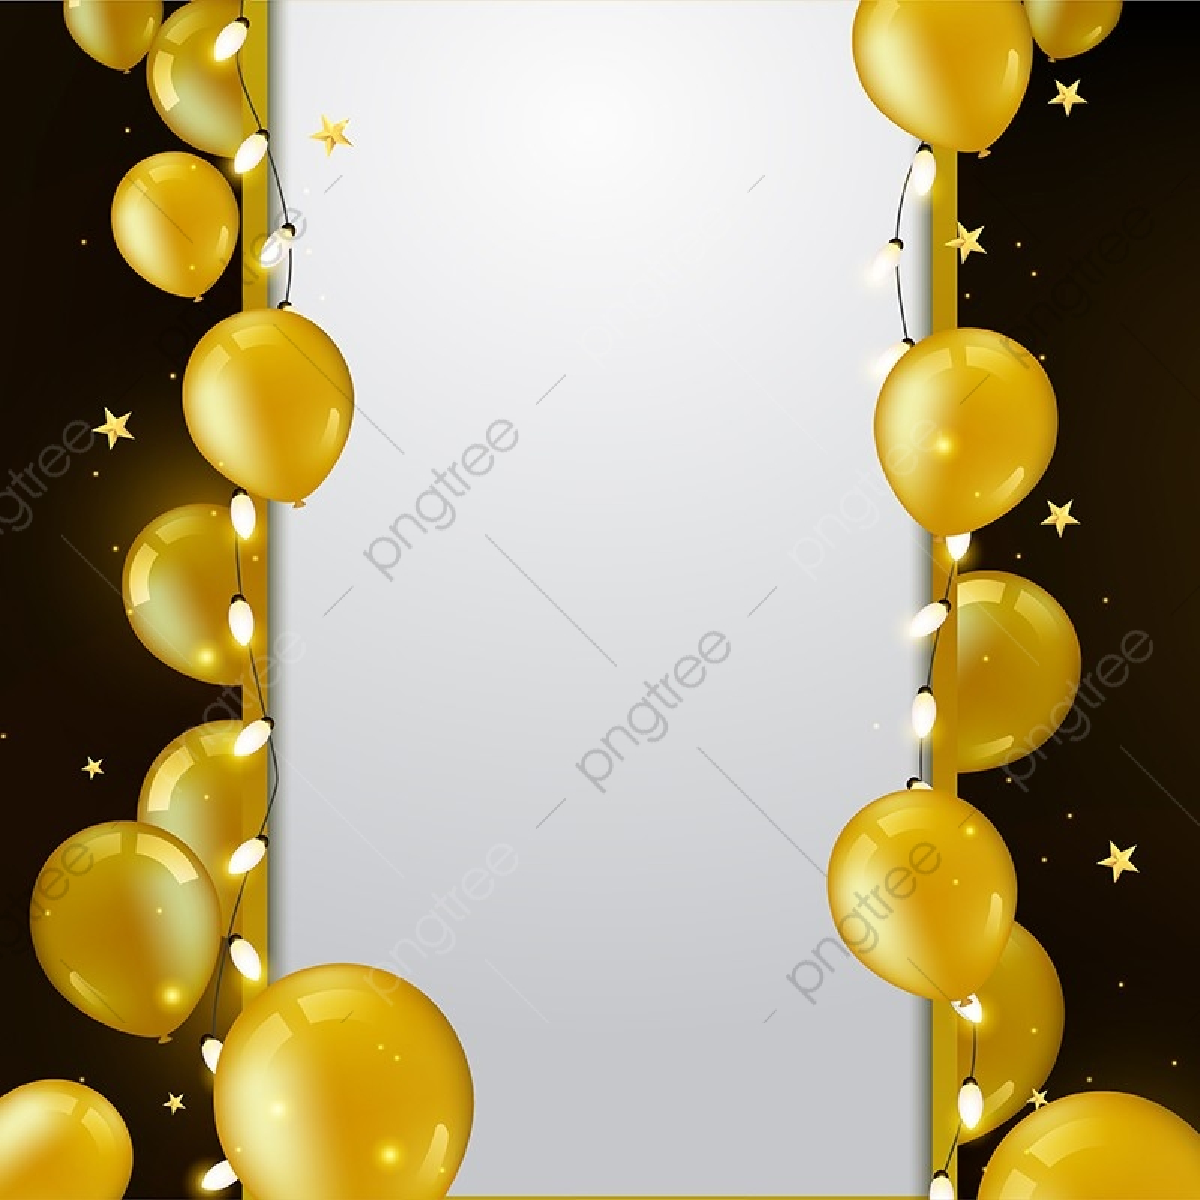 Aniversário Balão De Fundo Dourado Balão De Fundo